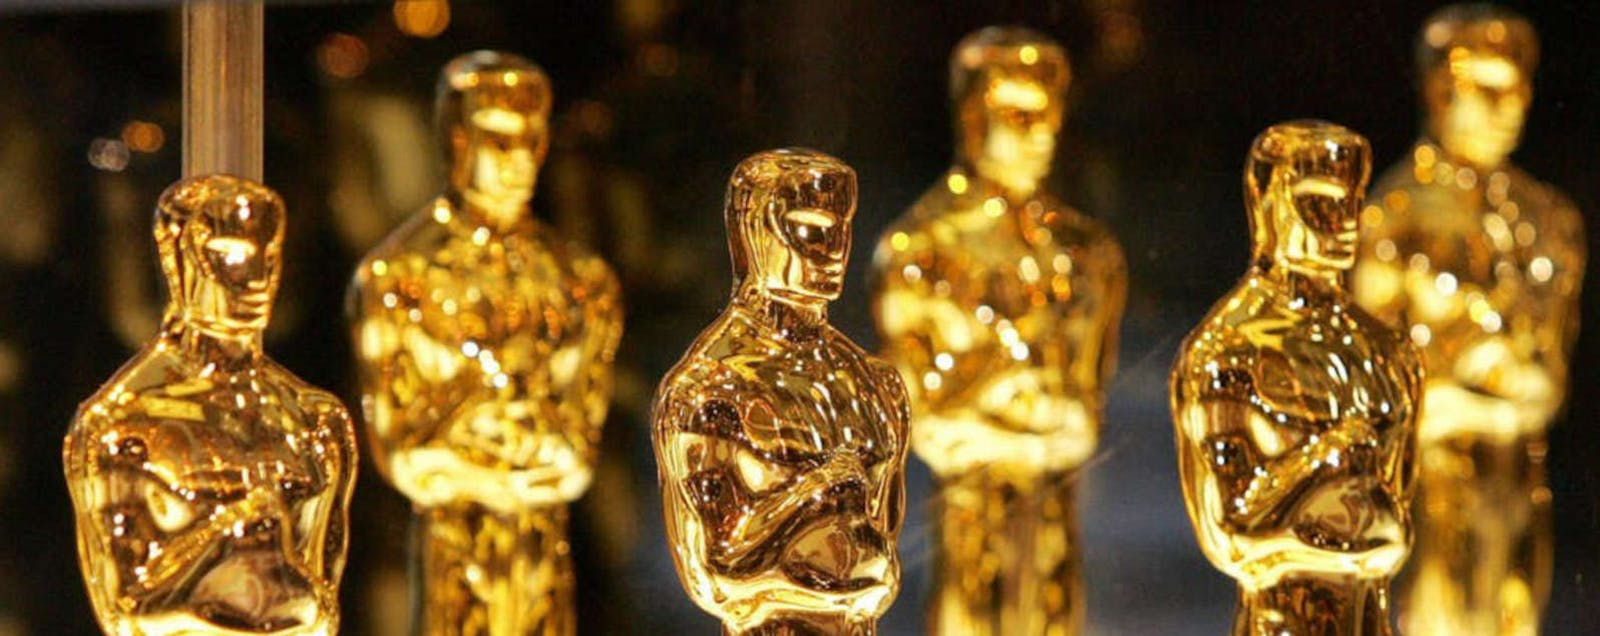 Regissörer som aldrig vunnit en Oscar